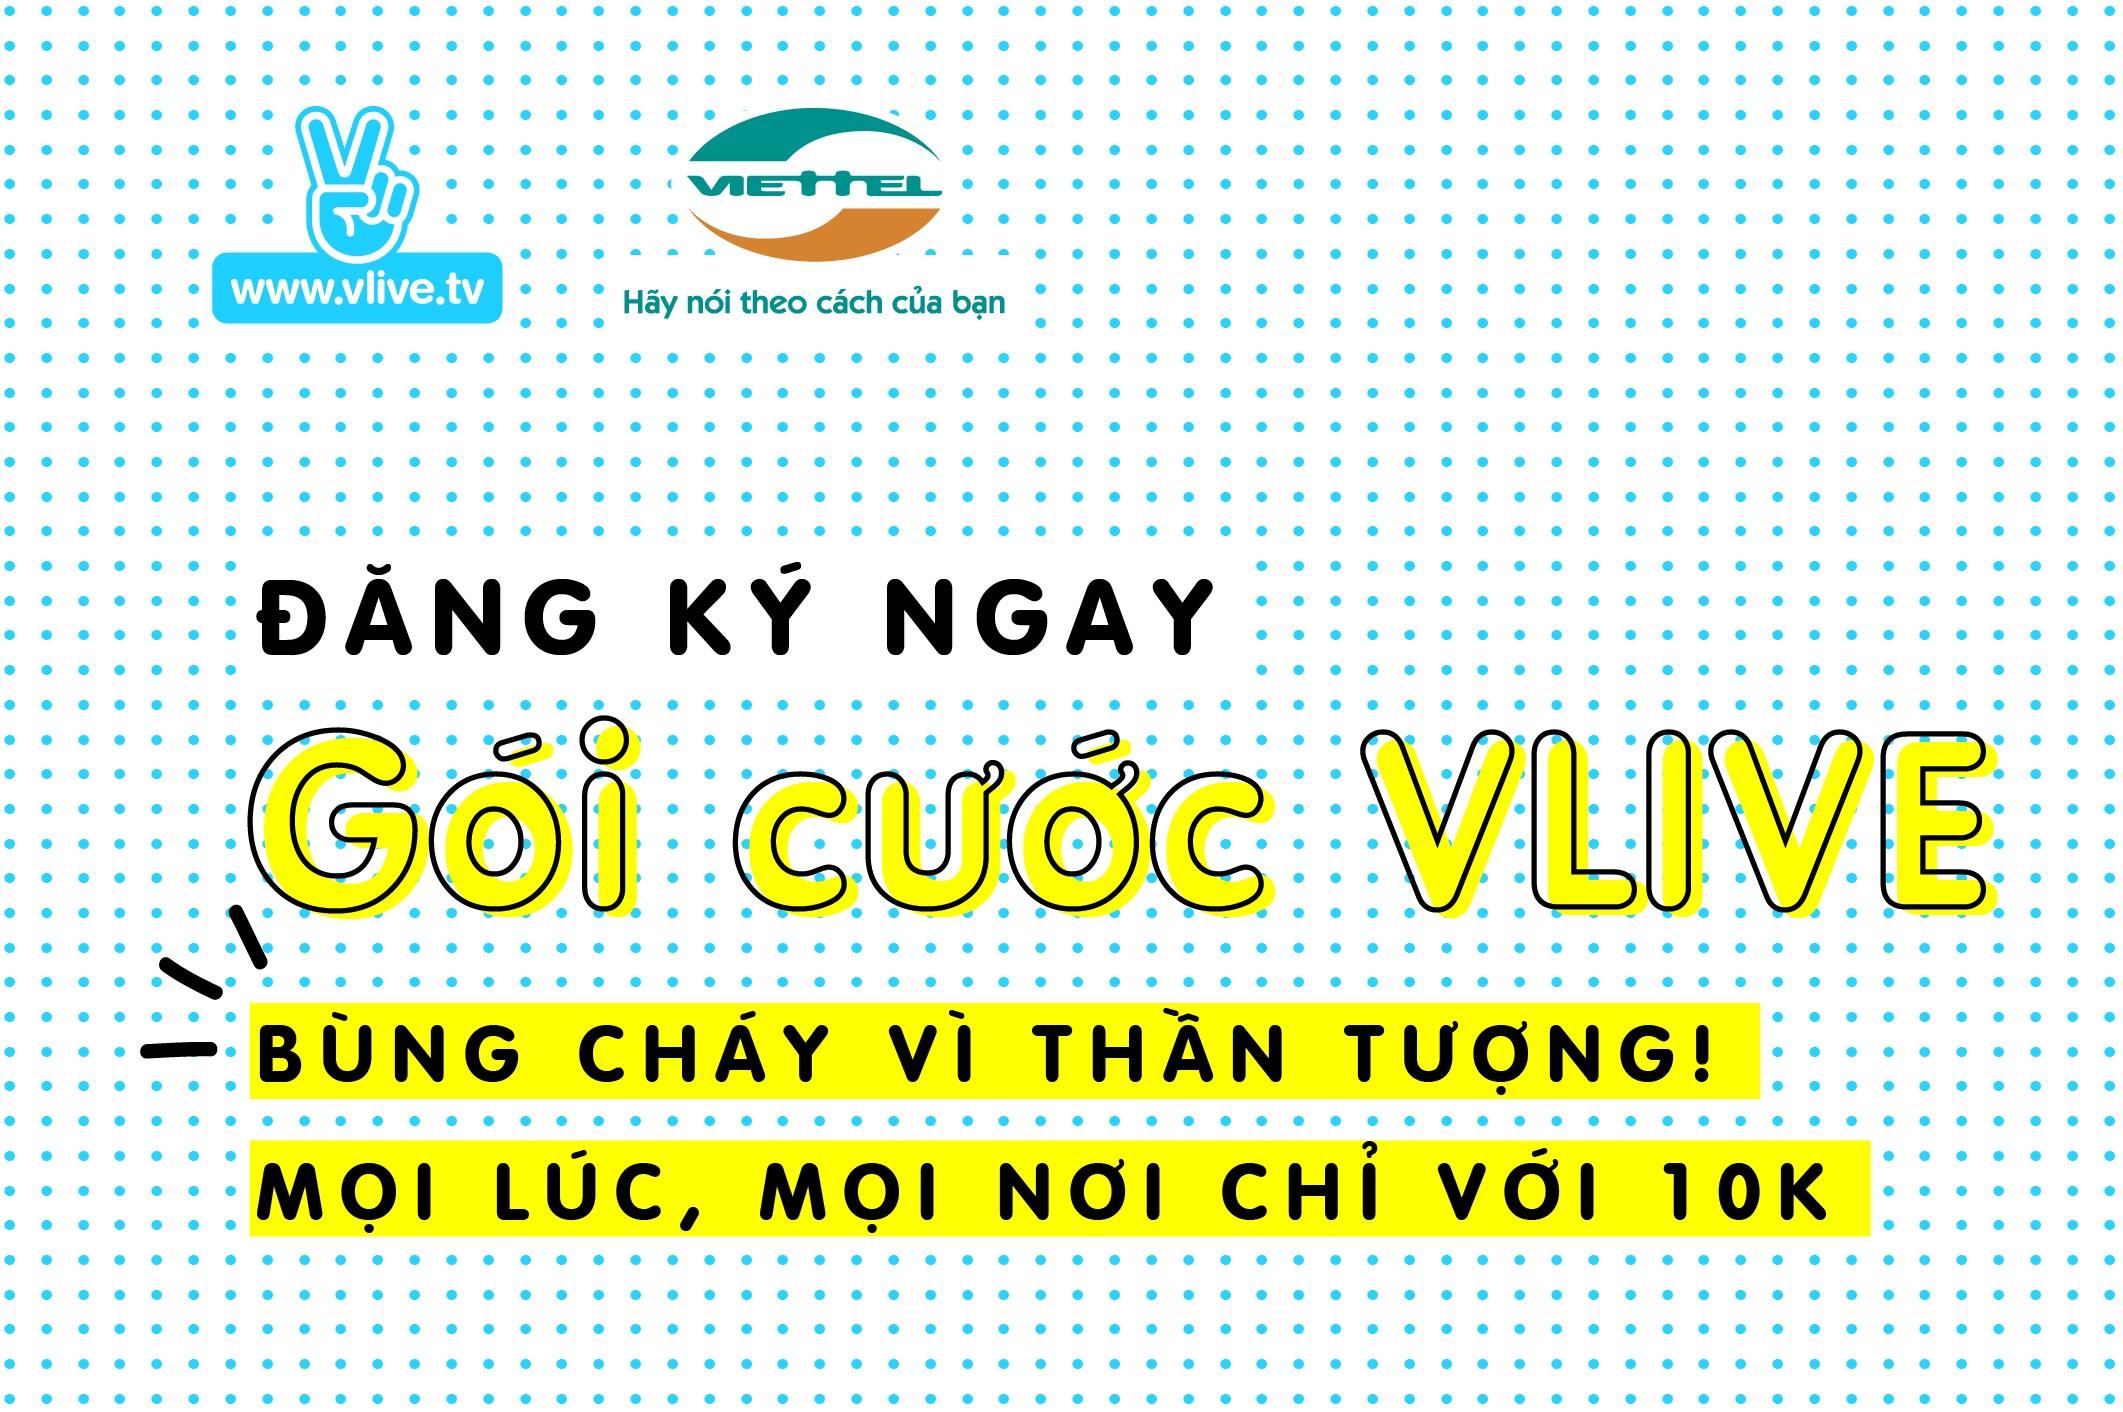 """Vline - V LIVE hợp tác Viettel ra mắt """"Gói cước V LIVE"""""""